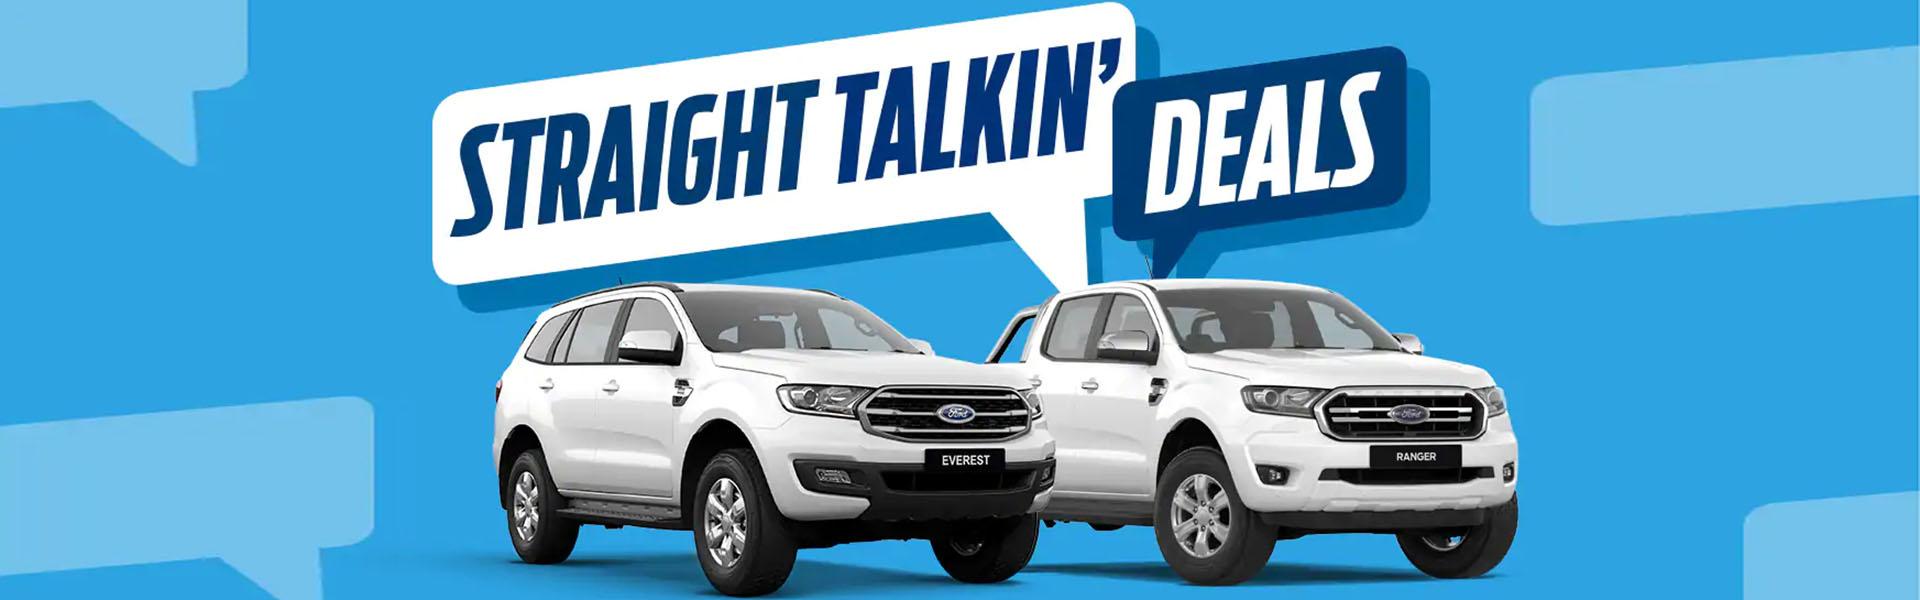 Straight Talkin' Deals